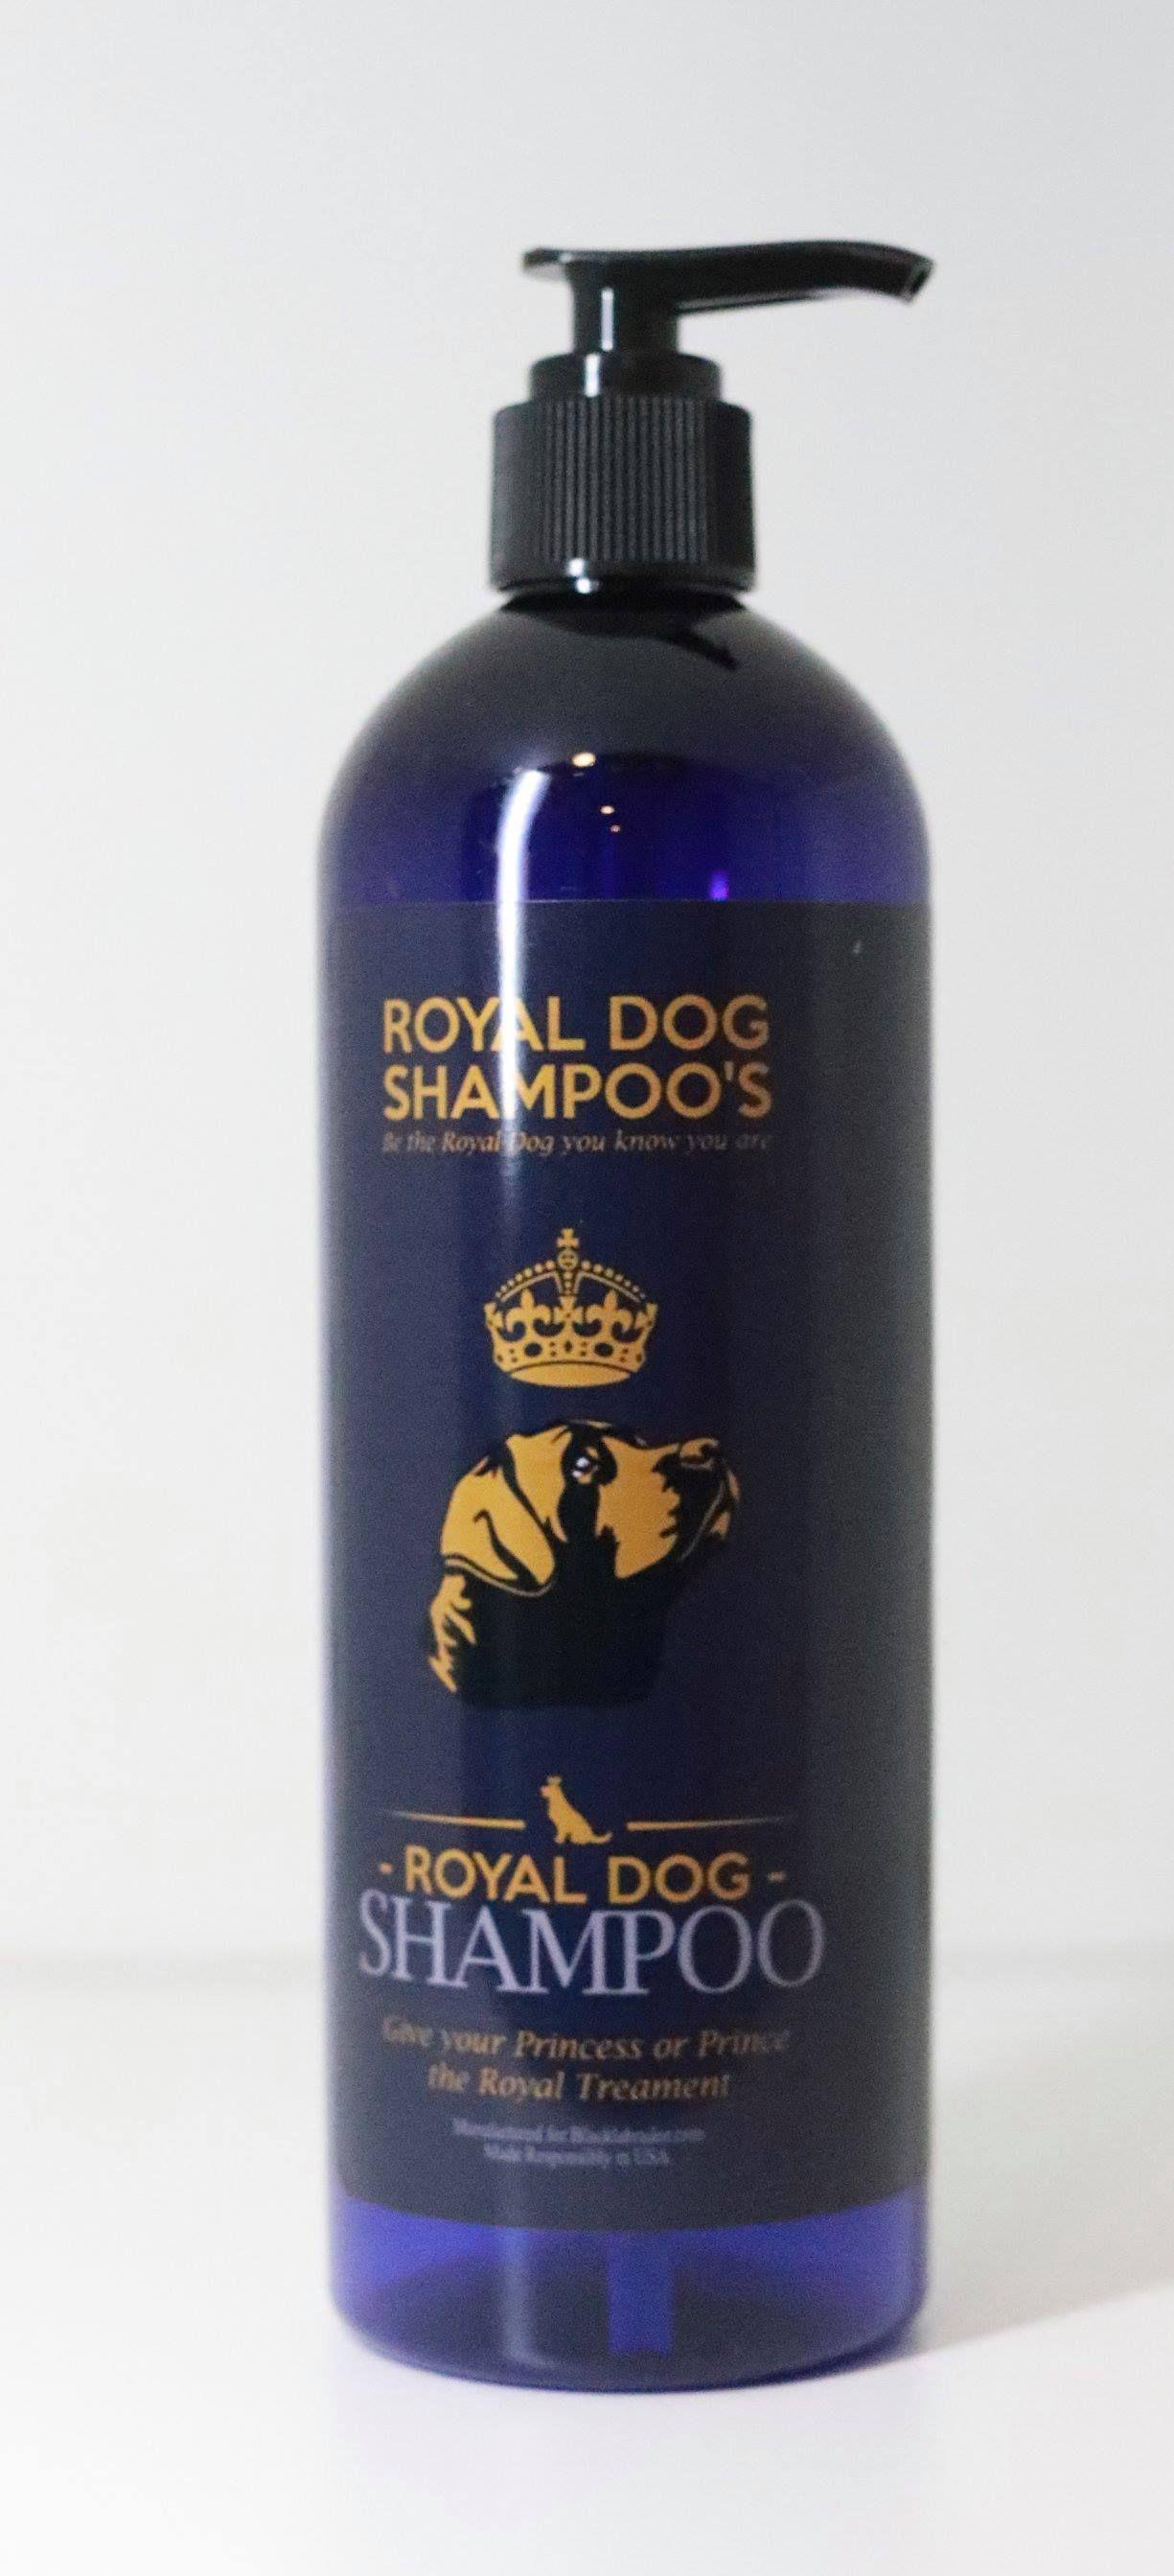 16 Oz Country Lavender 100 Natural Royal Dog Shampoo Dog Shampoo Safe Dog Shampoo Pet Shampoo